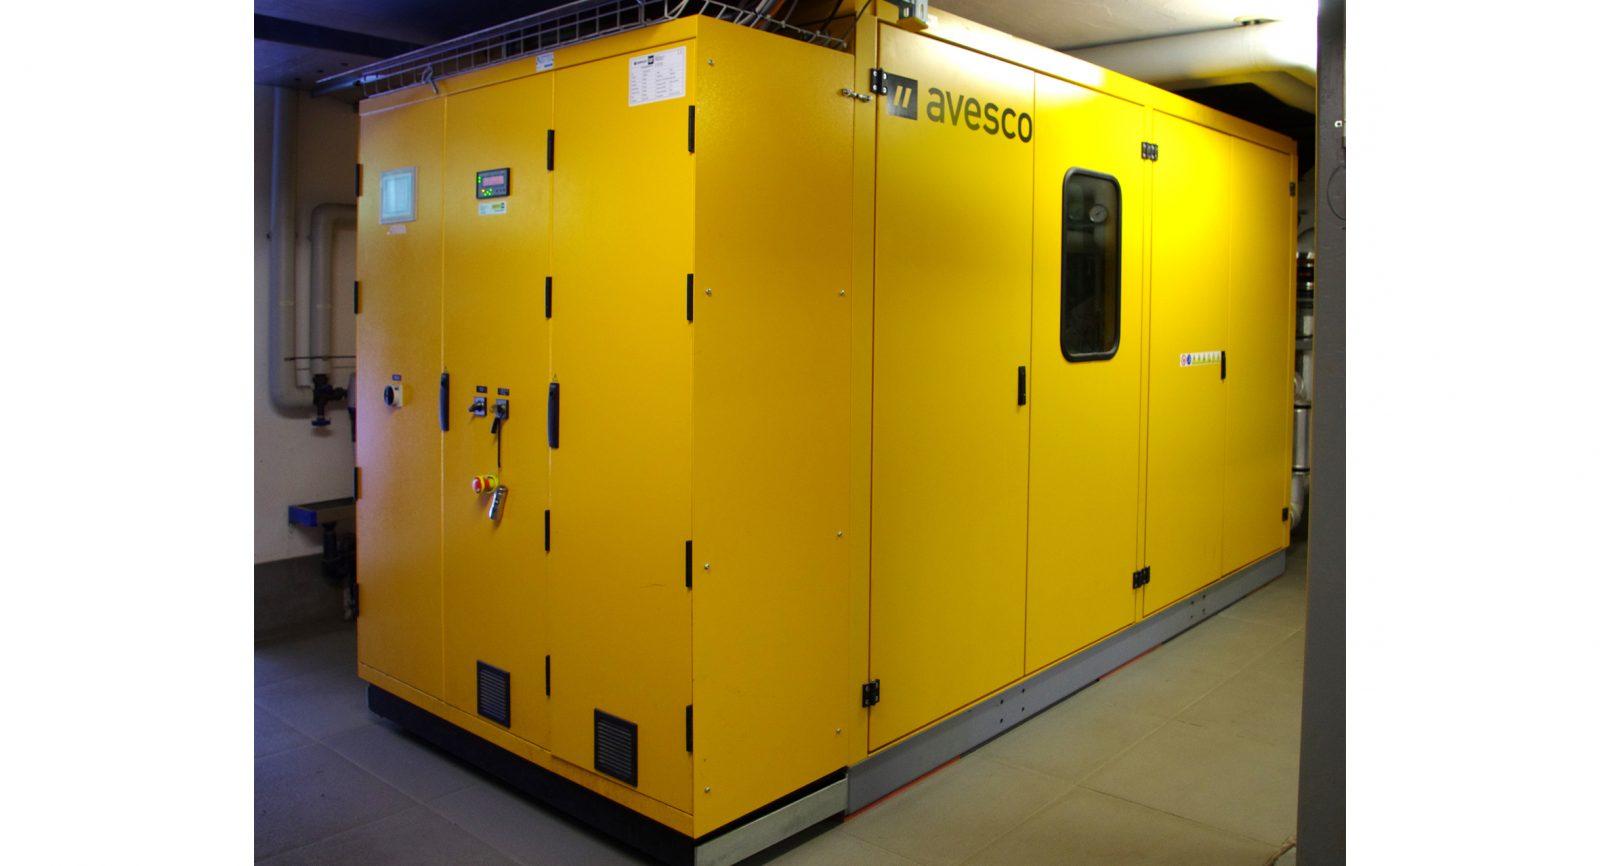 Das Blockheizkraftwerk der Matterhorn Biogas Power AG arbeitet rund um die Uhr, meistens im Teillastbetrieb, und sorgt für eine kontinuierliche Biostrom-Produktion.